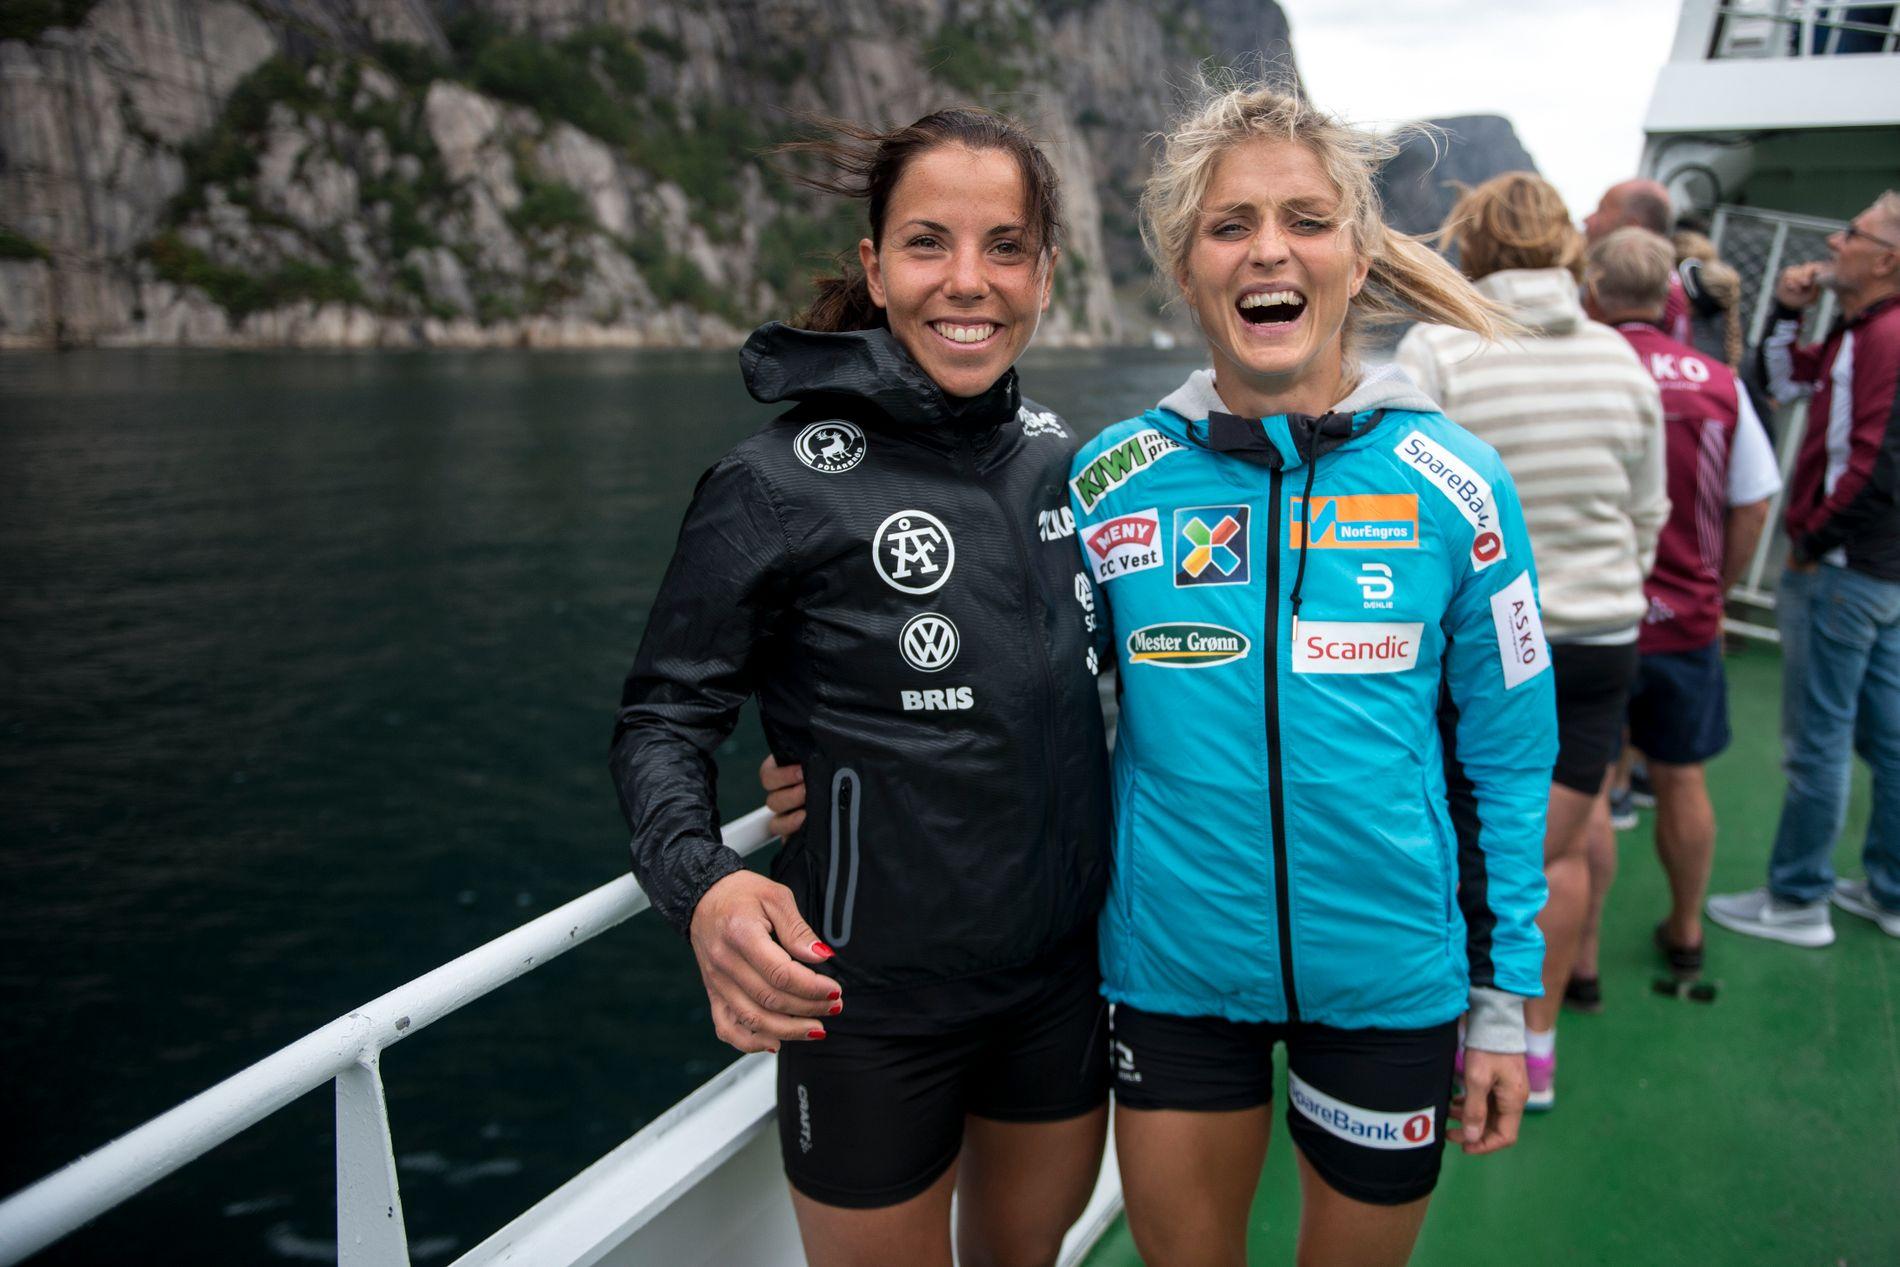 GOD TONE: Charlotte Kalla og Therese Johaug er rivaler i løypa, men utenfor har de en god tone. Her er de på vei til Lysebotn Opp i sommer.